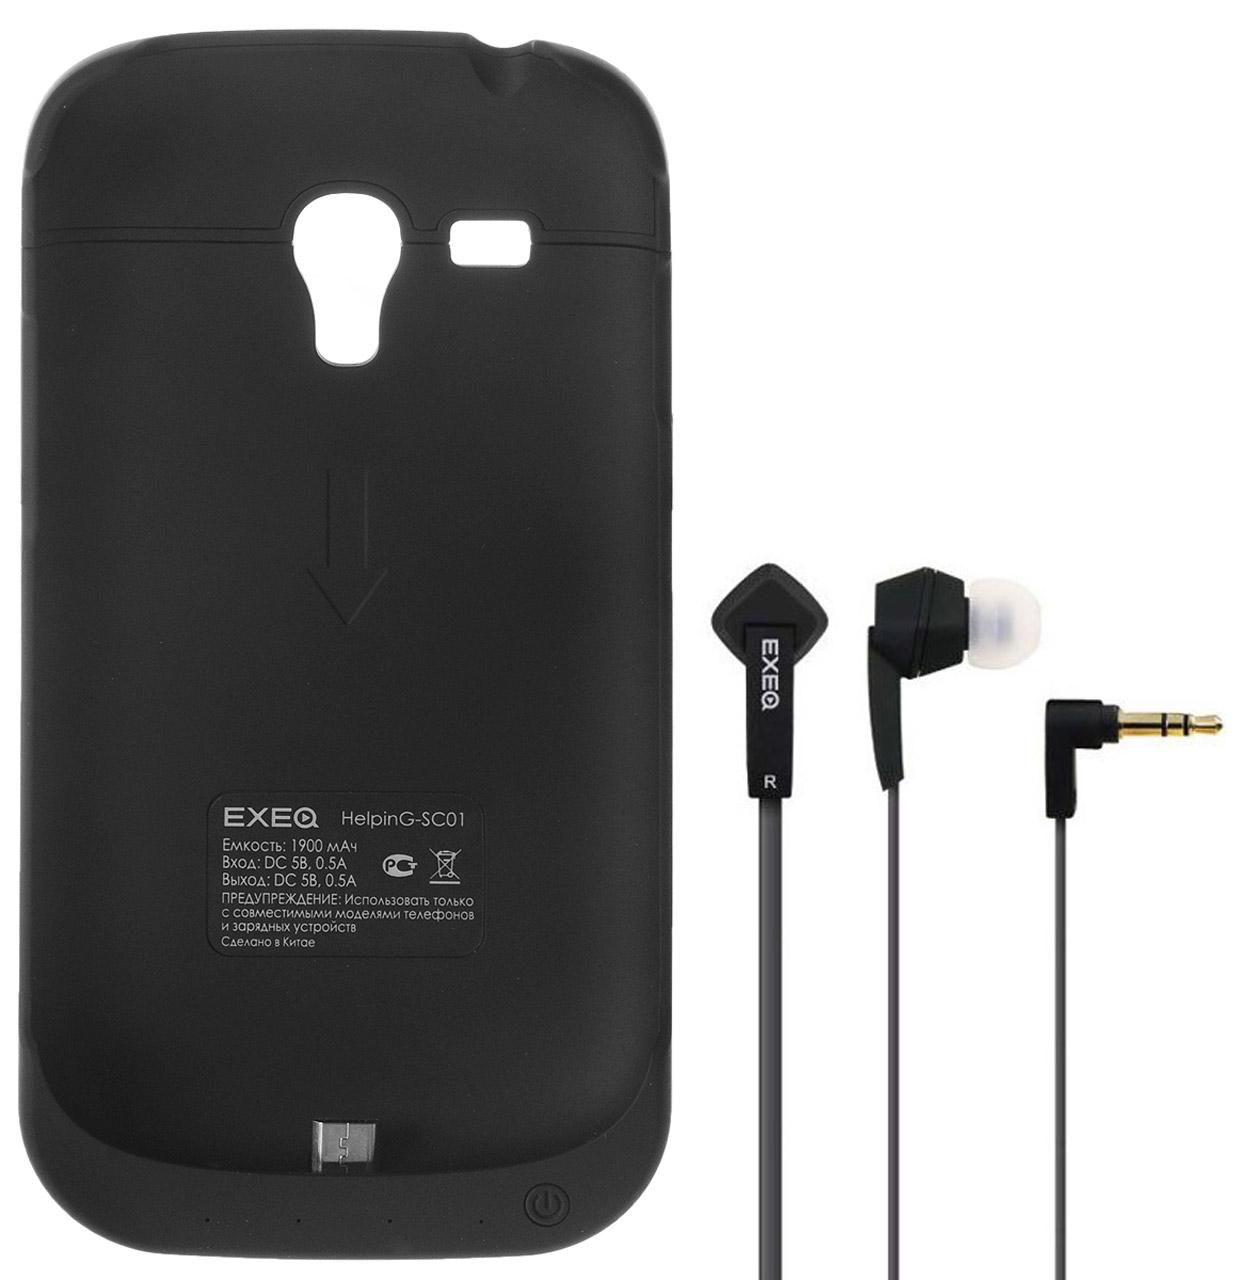 EXEQ HelpinG-SC01 чехол-аккумулятор для Samsung Galaxy S3 mini, Black (1900 мАч, клип-кейс)HelpinG-SC01 BLExeq HelpinG-SС01 – компактный чехол-аккумулятор для Samsung Galaxy S3 Mini. Дополнительный аккумулятор емкостью в 1900 мАч позволит повысить работоспособность вашего смартфона как минимум вдвое. Защитный чехол Exeq HelpinG-SС01 обеспечит надежную защиту смартфона от царапин, острых предметов и прочих внешних воздействий. Компактные размеры чехла и лаконичный дизайн позволят не только удобно и быстро поместить смартфон в чехол, но и совсем незначительно увеличат размеры и вес самого смартфона. Exeq HelpinG-SС01 станет просто великолепным аксессуаром для активных пользователей Samsung Galaxy S3 Mini, а также для тех, кто много времени проводит в дороге или собирается на отдых. Зарядка чехла-аккумулятора EXEQ HelpinG-SC01 происходит от зарядного устройства телефона, при этом аппарат из чехла доставать не нужно. Достаточно просто подсоединить зарядное к чехлу и зарядка начнется автоматически. Для зарядки телефона необходимо подсоединить зарядное устройство к чехлу и нажать на...